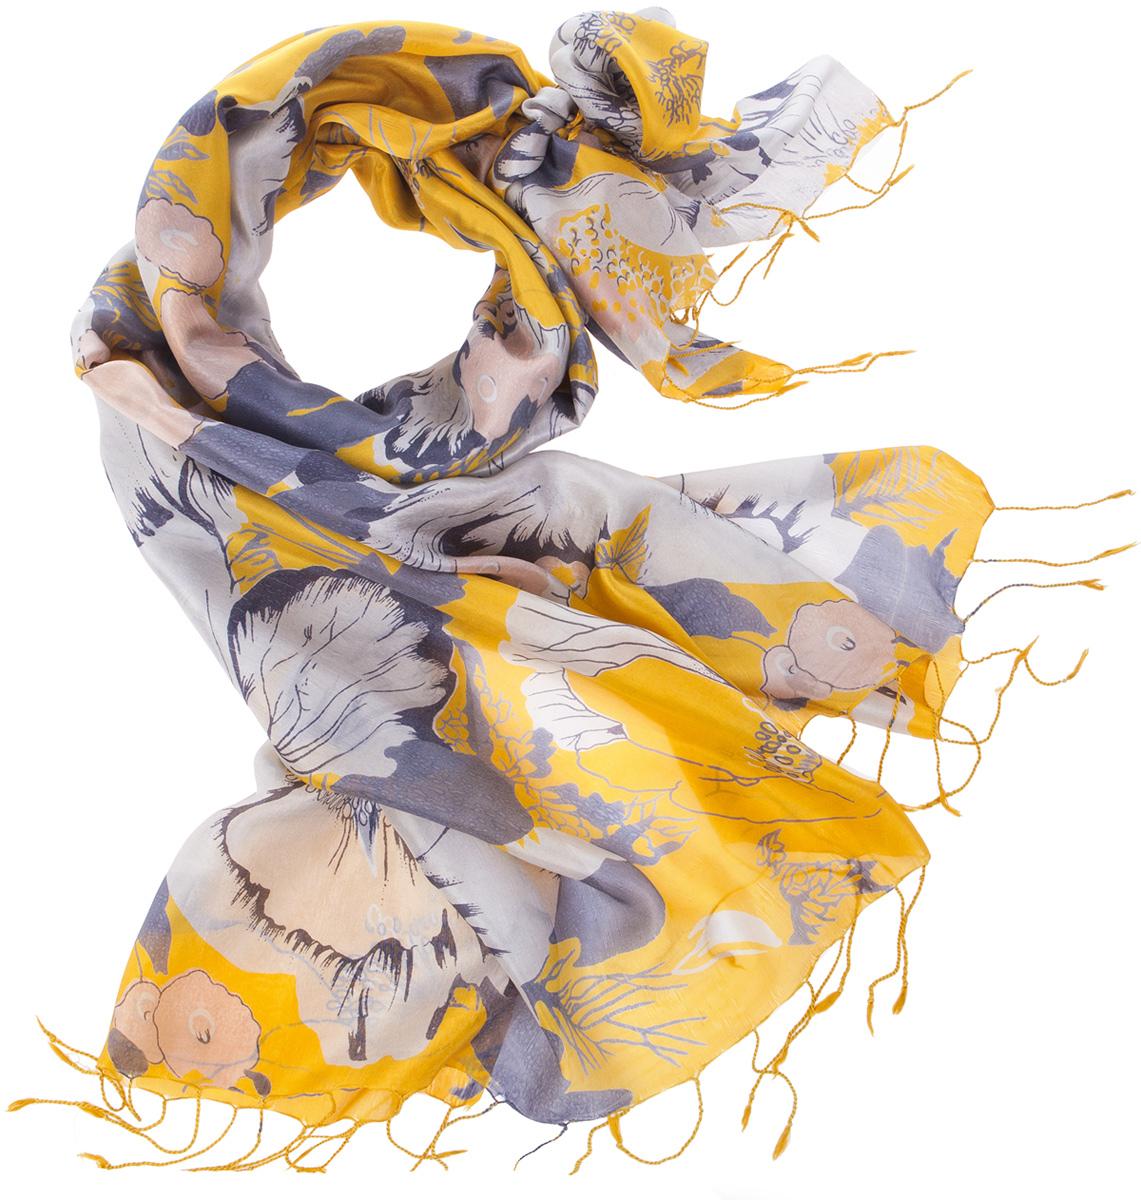 Палантин женский Michel Katana, цвет: желтый, серый, белый. S30-HIBIS.EXOTIC/GOLD.YEL. Размер 110 x 180 смS30-HIBIS.EXOTIC/GOLD.YELСтильный женский палантин от Michel Katana станет великолепным завершением любого наряда. Палантин изготовлен из шелка и оформлен ярким принтом. По краям модель дополнена неширокой бахромой. Изящный палантин поможет вам создать изысканный женственный образ, а также согреет в непогоду.